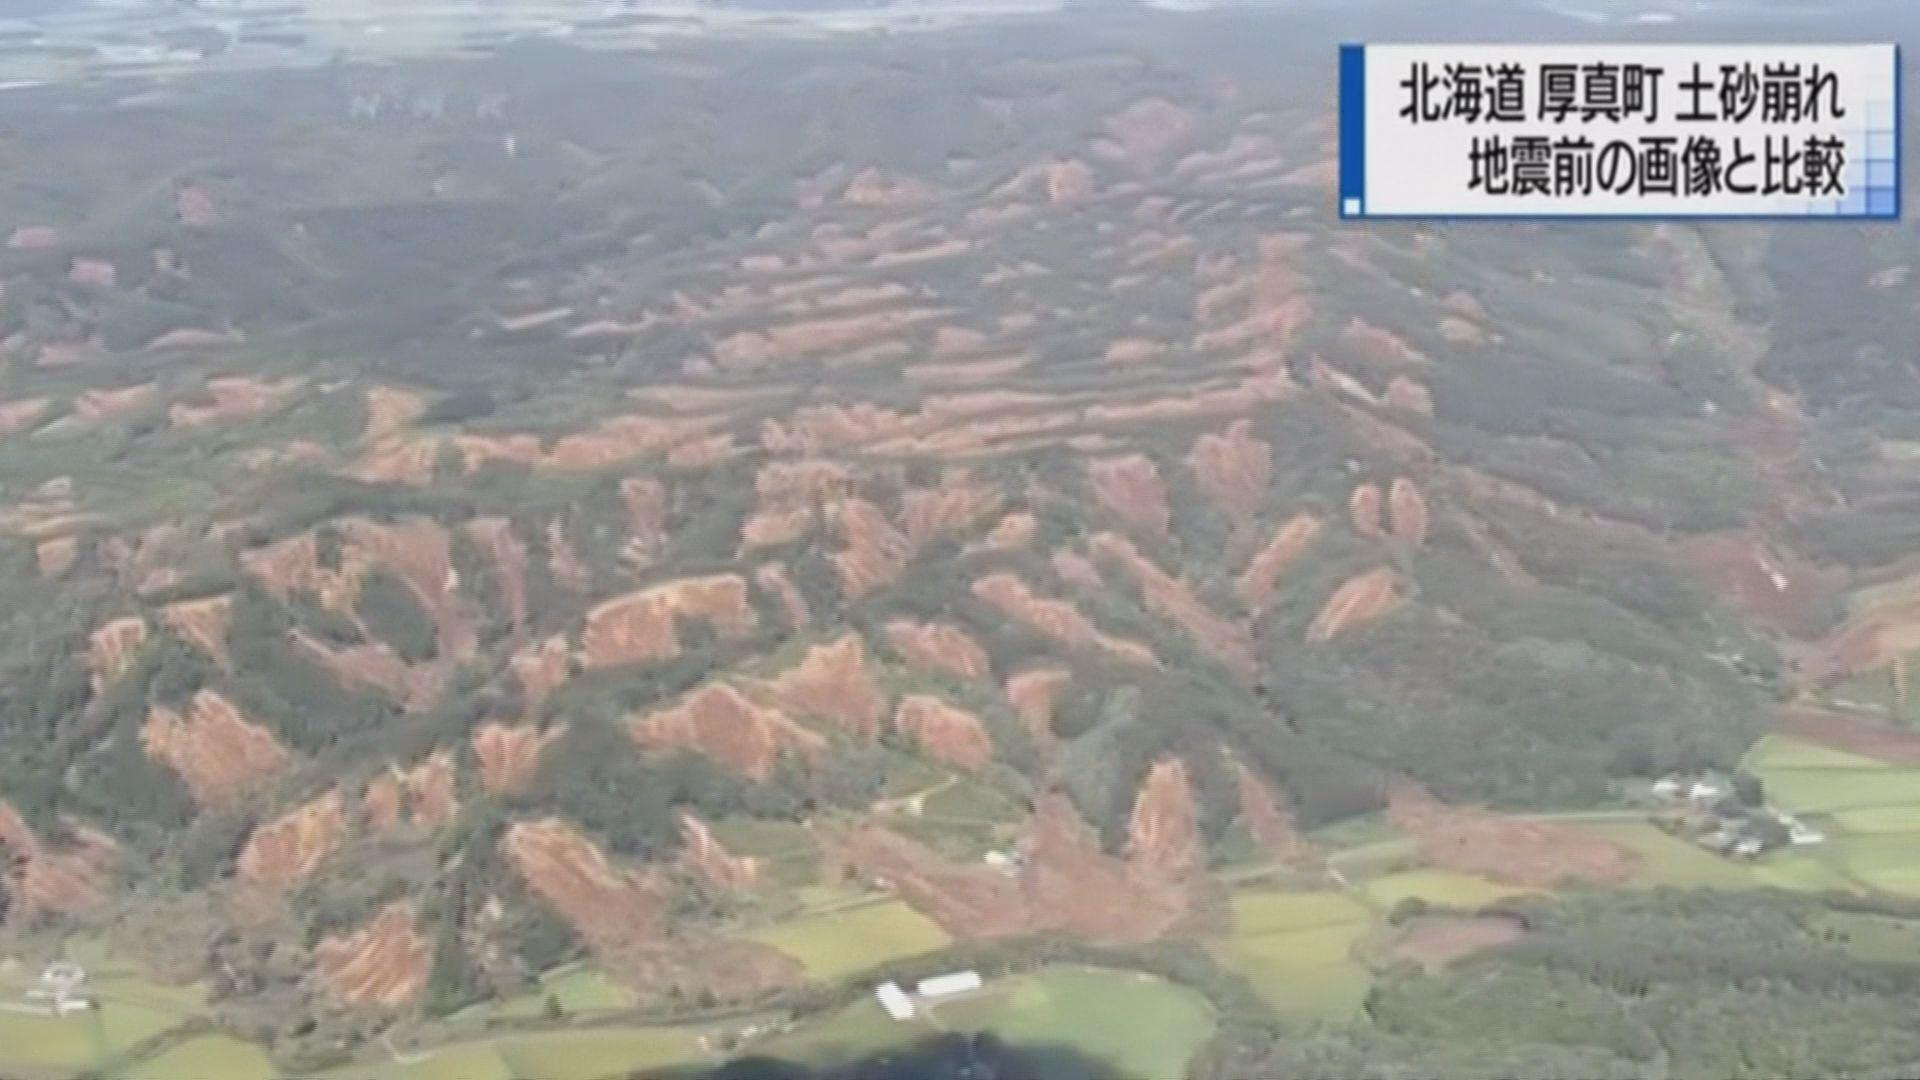 北海道地震 大規模山泥傾瀉掩埋多間房屋